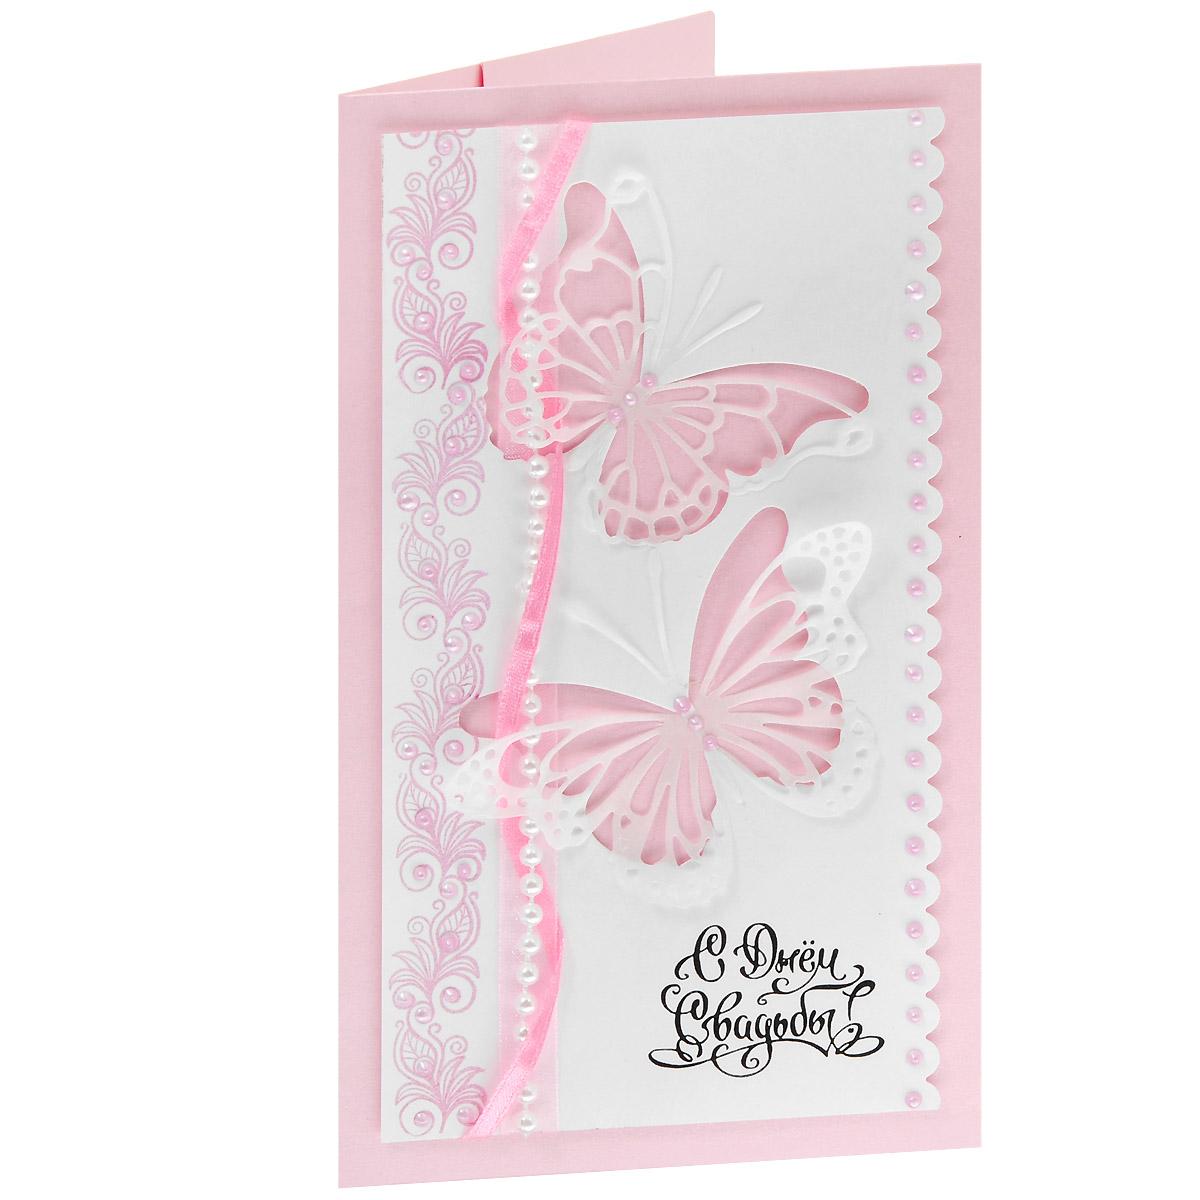 ОСВ-0003 Открытка-конверт «С Днём Свадьбы!» (порхающие бабочки, розовая). Студия «Тётя Роза»94989Характеристики: Размер 19 см x 11 см.Материал: Высоко-художественный картон, бумага, декор. Данная открытка может стать как прекрасным дополнением к вашему подарку, так и самостоятельным подарком. Так как открытка является и конвертом, в который вы можете вложить ваш денежный подарок или просто написать ваши пожелания на вкладыше. Почти невесомые ажурные бабочки вырезаны из полупрозрачной бумаги. Узор из вензелей украшает левый край лицевой части. Его дублируют переплетающиеся между собой атласные и капроновые ленты. Изобилие жемчуга обогащает общую композицию.Также открытка упакована в пакетик для сохранности.Обращаем Ваше внимание на то, что открытка может незначительно отличаться от представленной на фото.Открытки ручной работы от студии Тётя Роза отличаются своим неповторимым и ярким стилем. Каждая уникальна и выполнена вручную мастерами студии. (Открытка для мужчин, открытка для женщины, открытка на день рождения, открытка с днем свадьбы, открытка винтаж, открытка с юбилеем, открытка на все случаи, скрапбукинг)